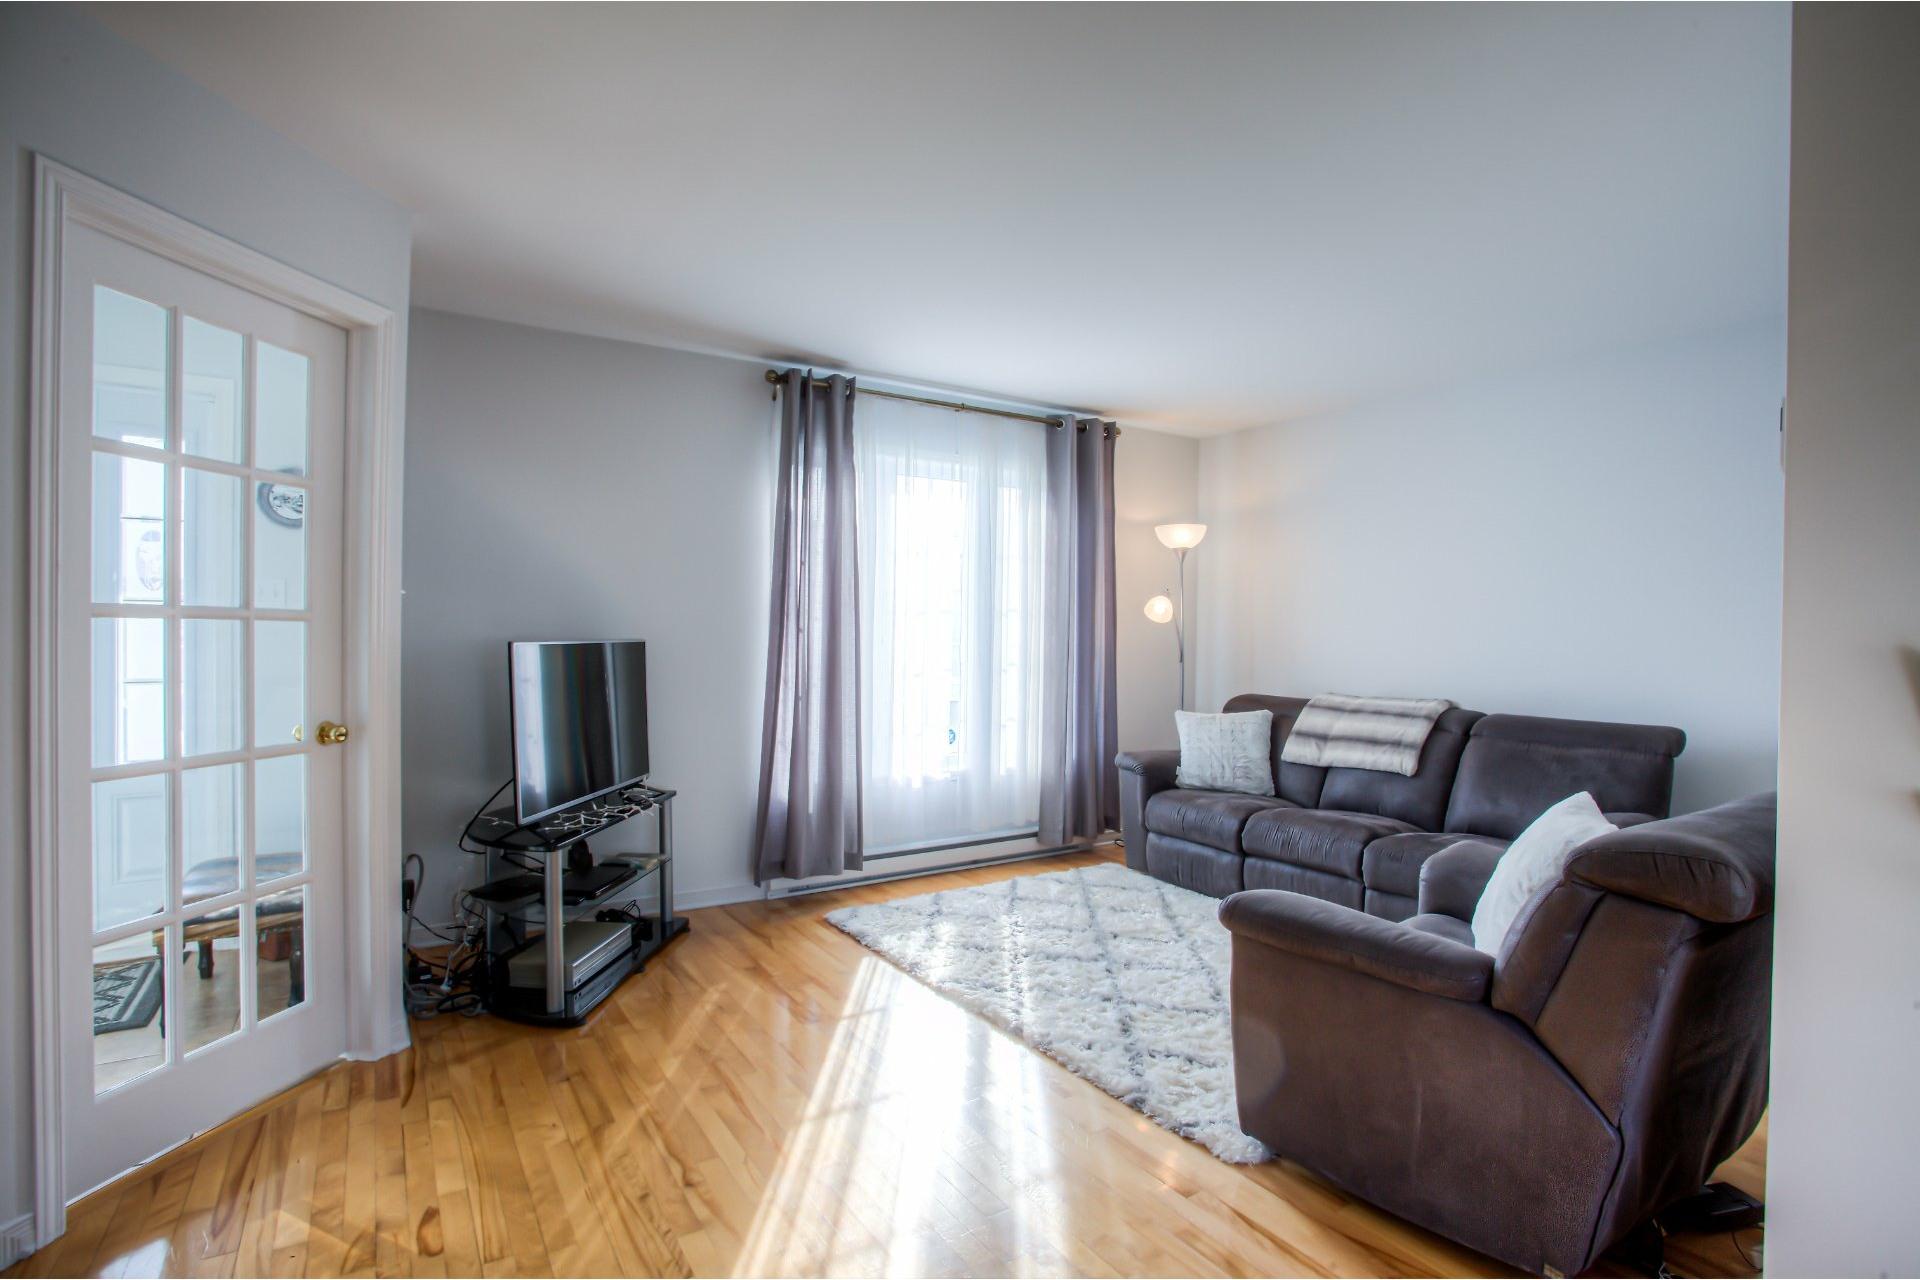 image 3 - Maison À vendre Vaudreuil-Dorion - 9 pièces